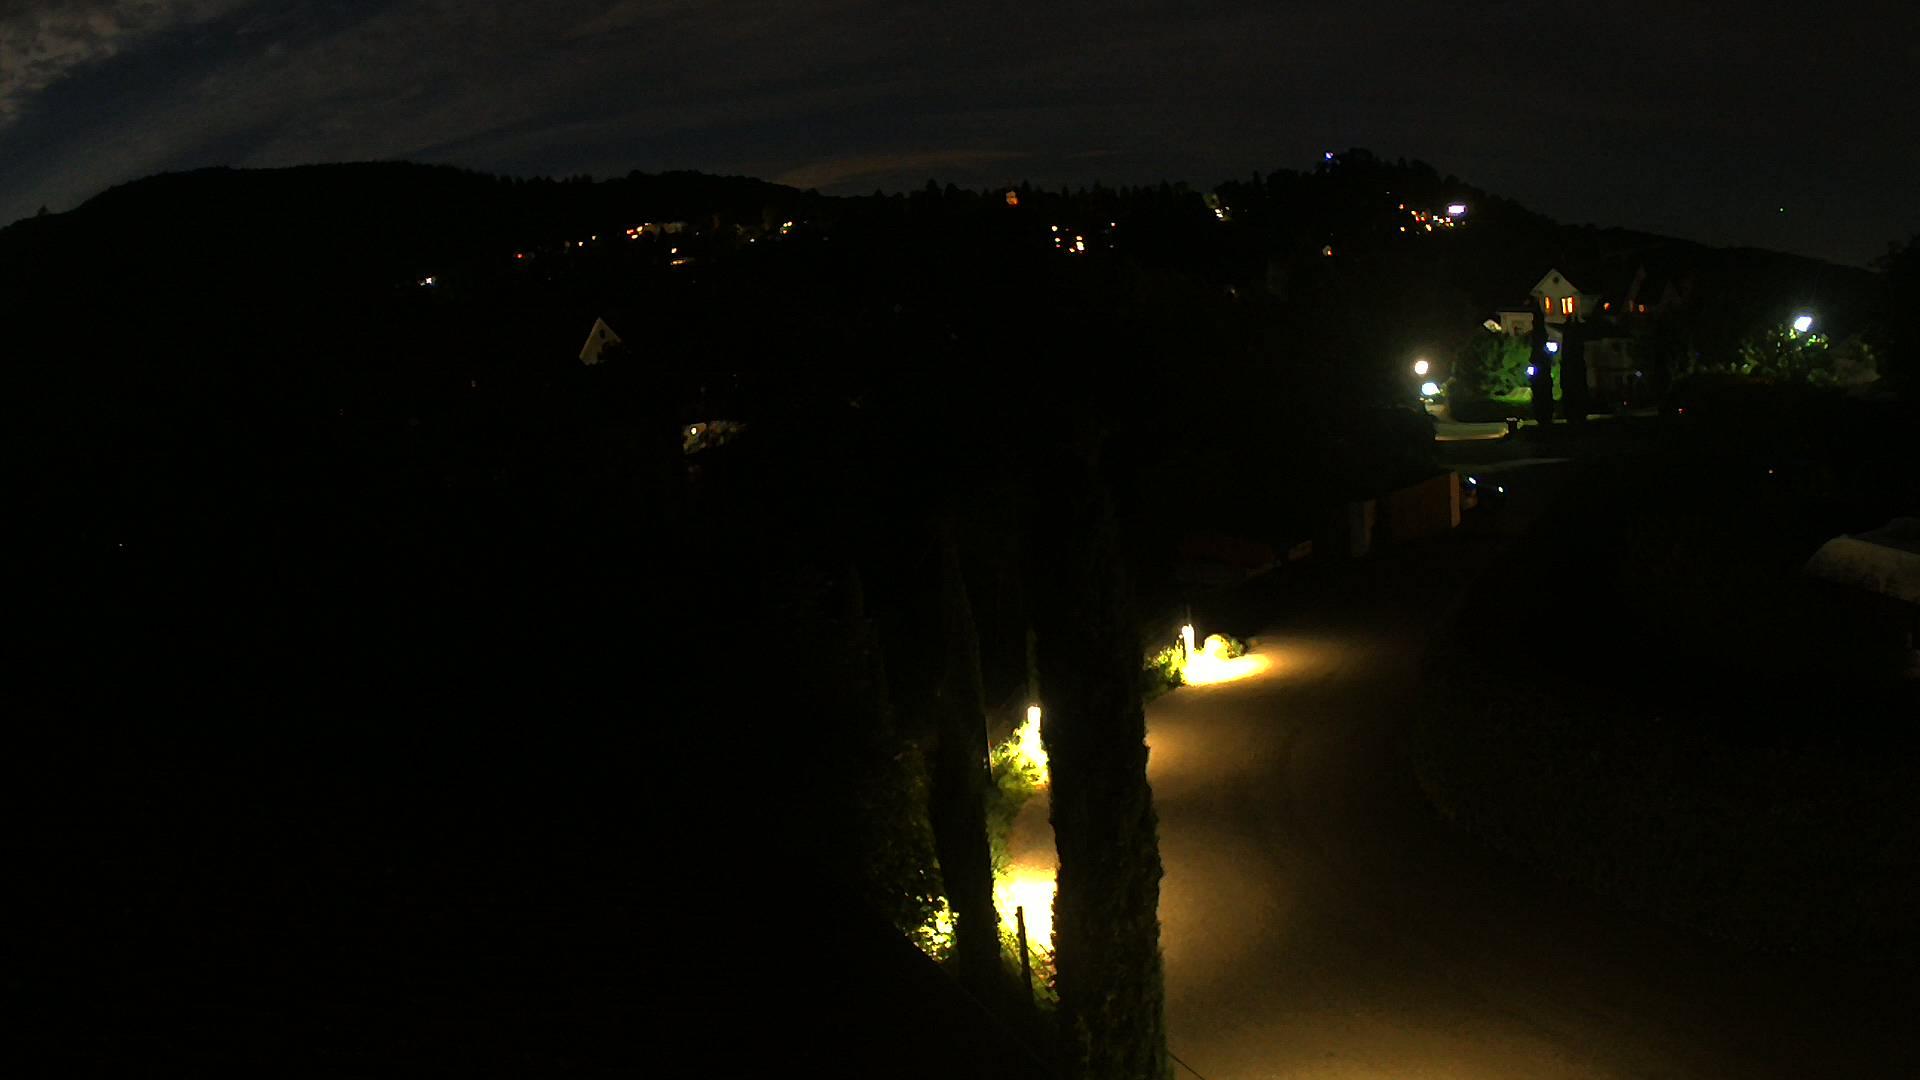 Badenweiler Mon. 22:57